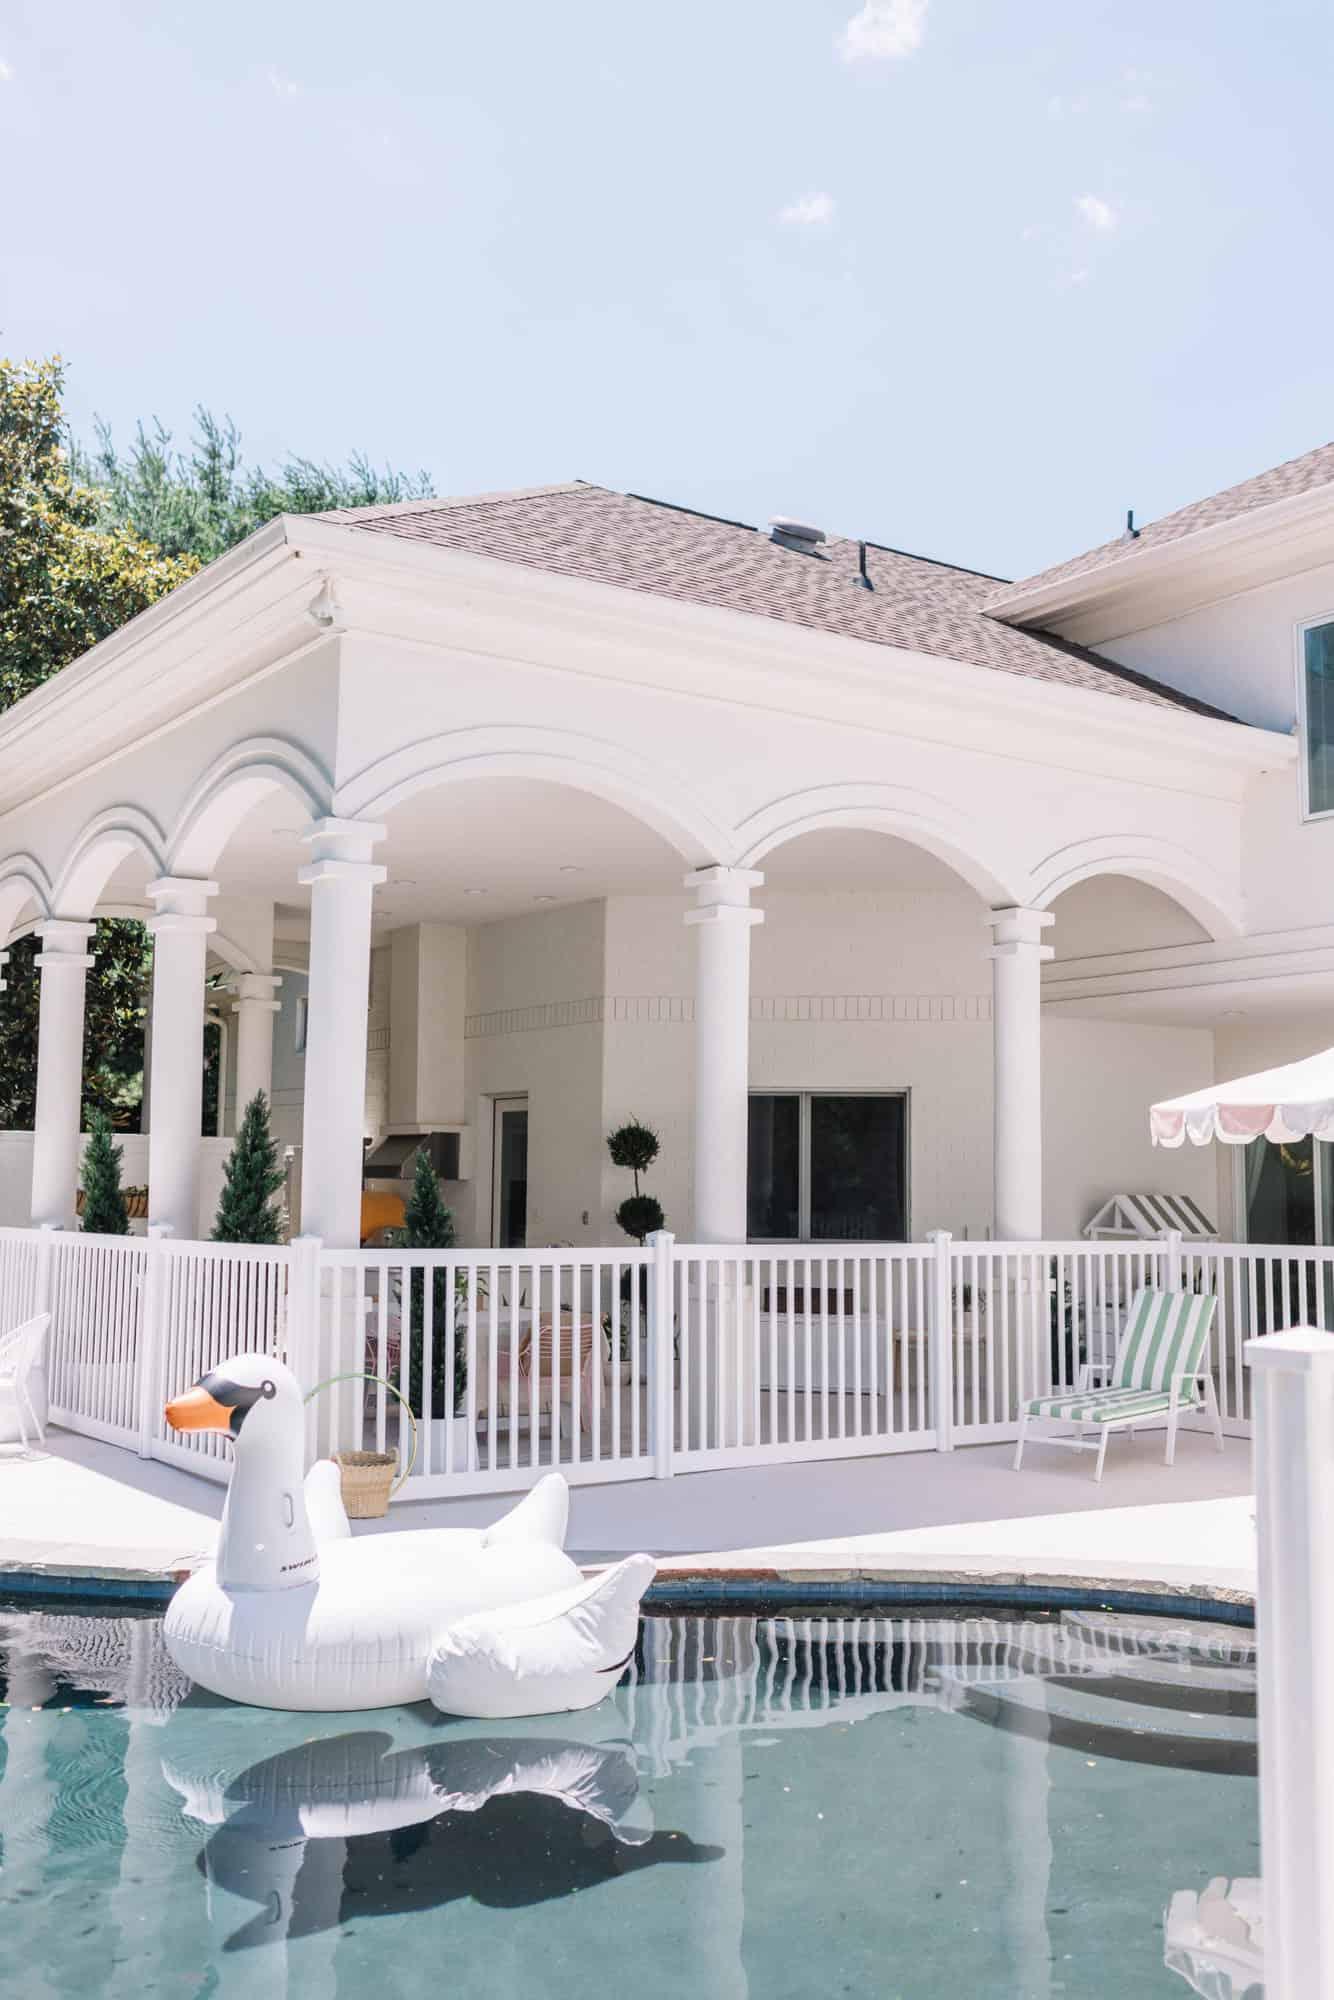 Elsie's Back Porch + Pool Tour